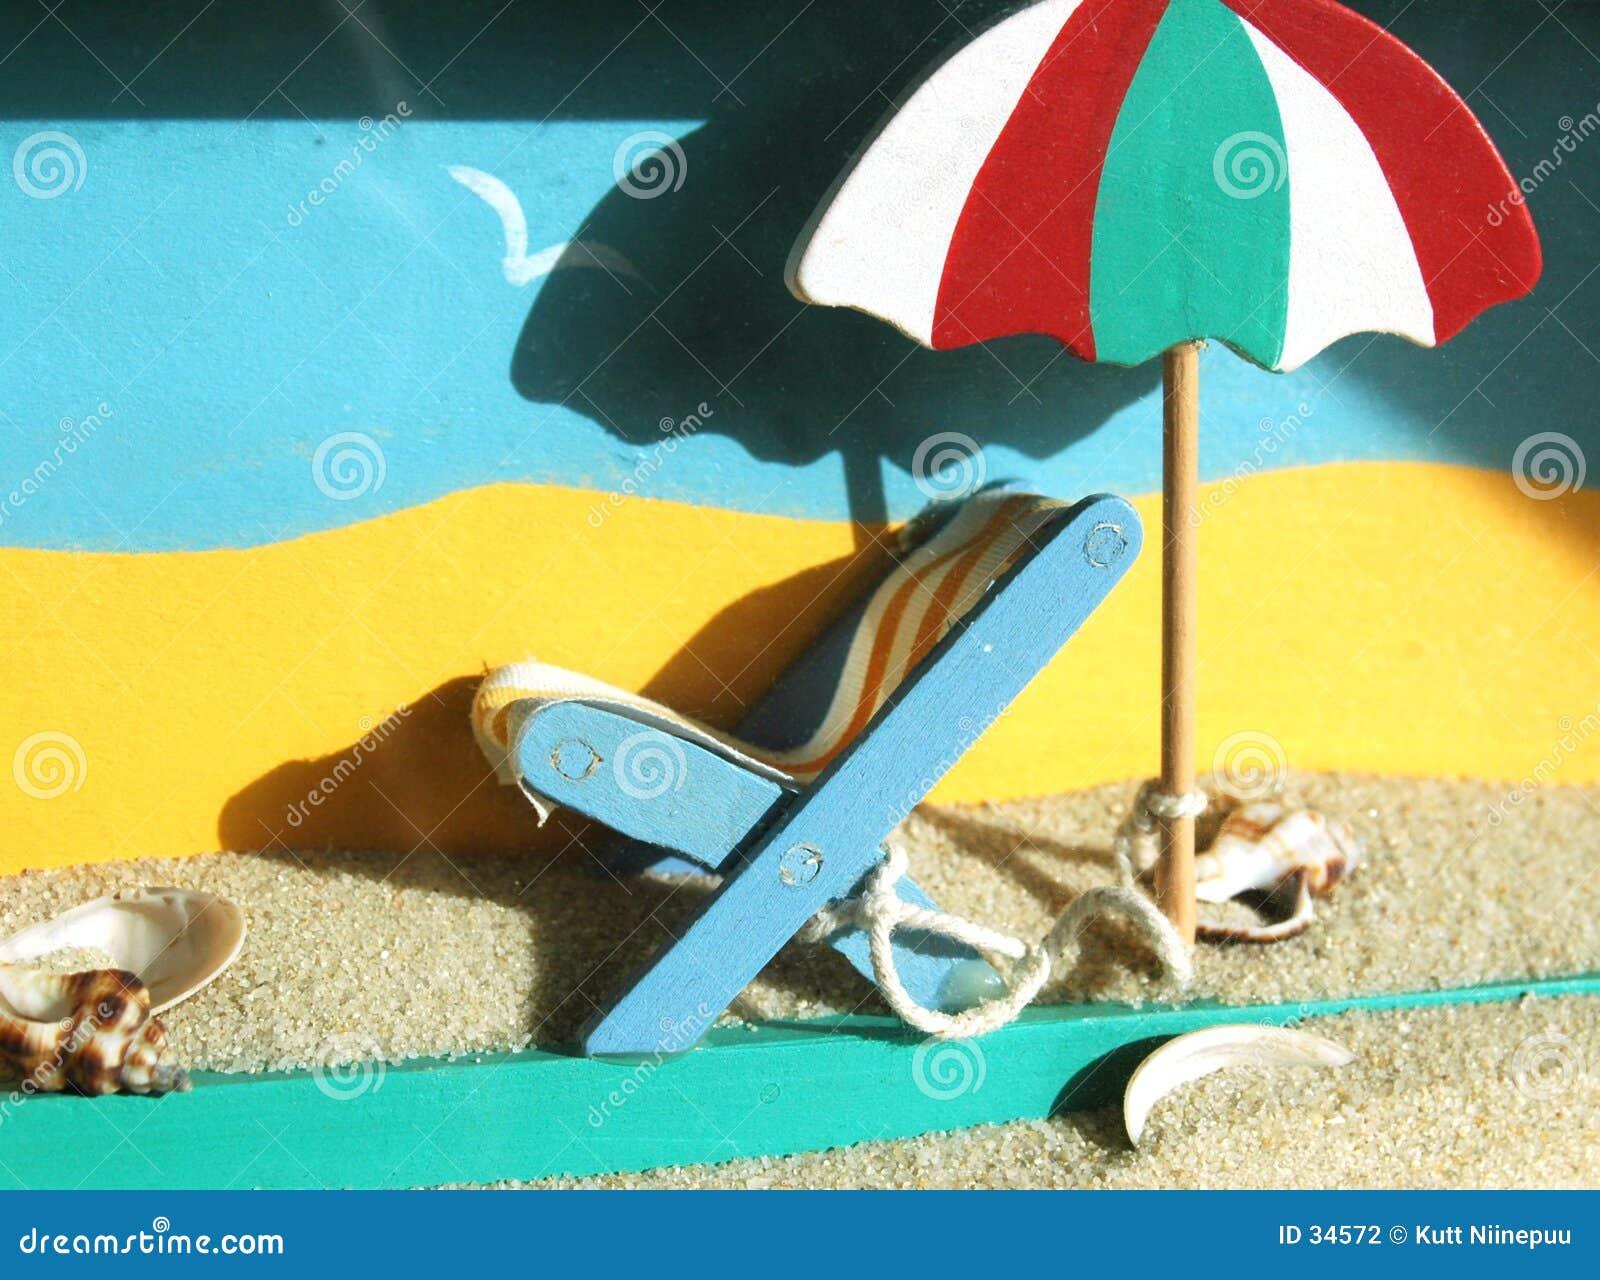 Tome umas férias